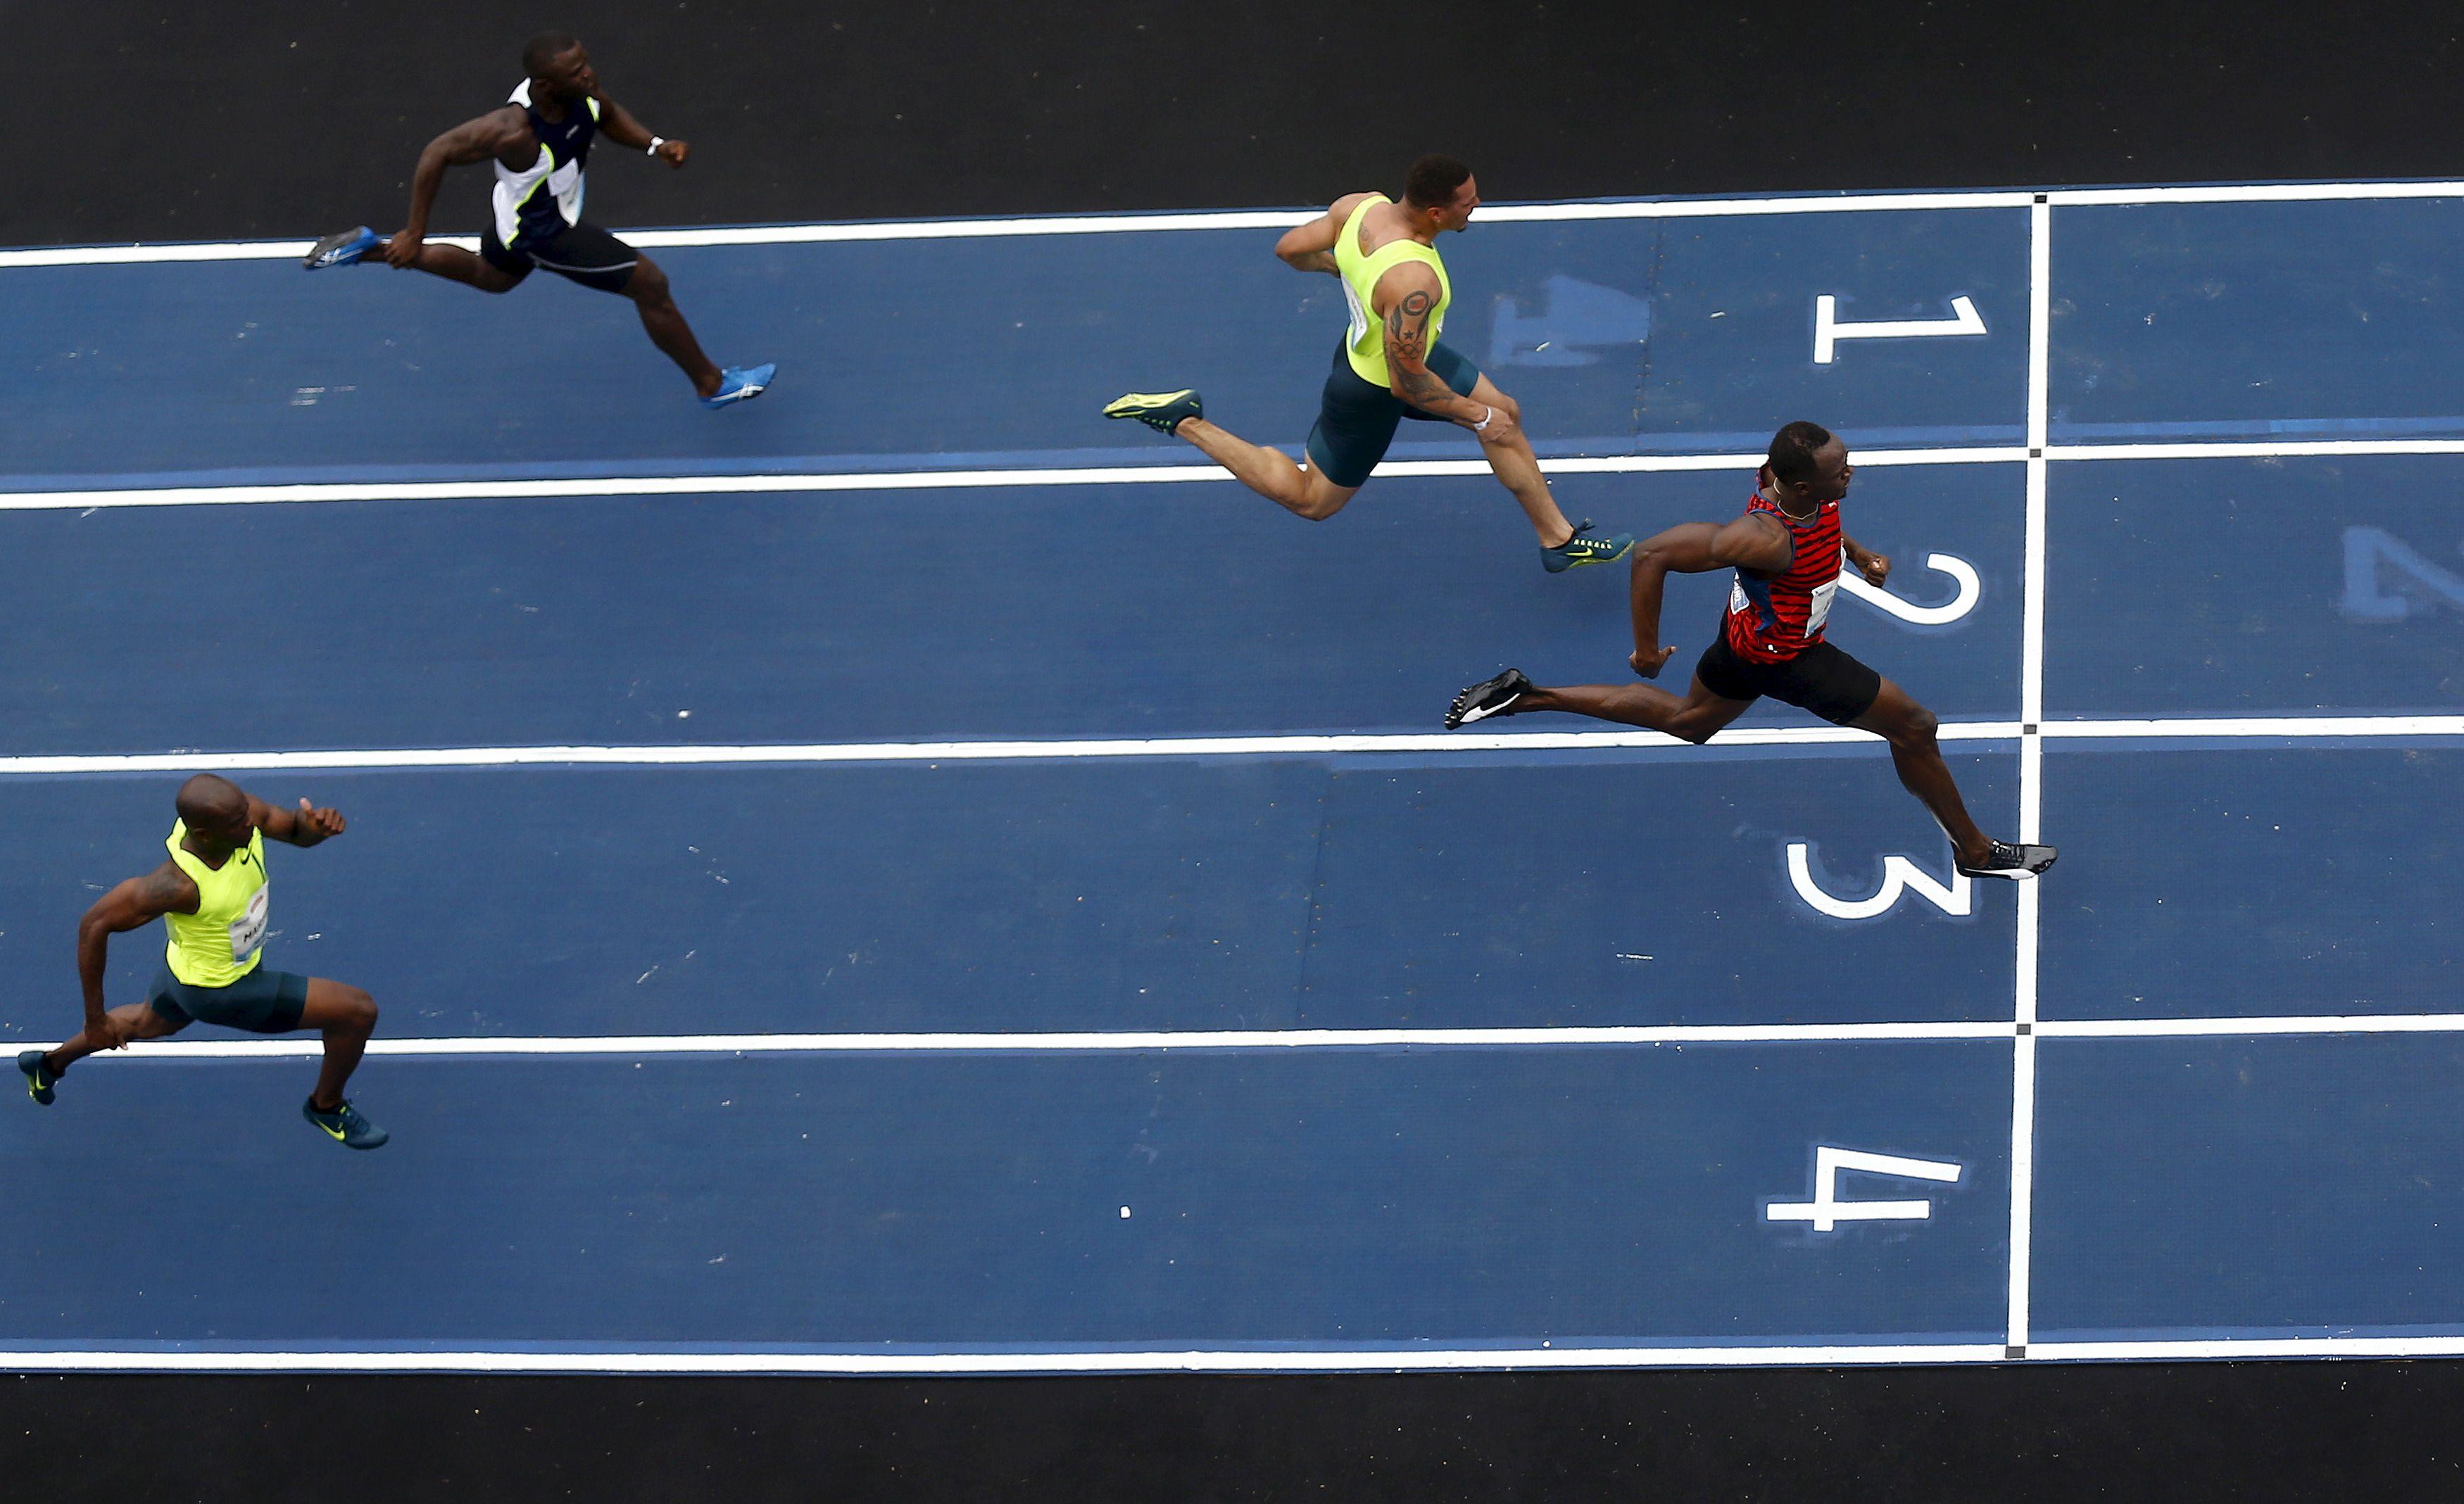 Le champion Usain Bolt (ici gagnant une course), commme la quasi-totalité des meilleurs sprinteurs mondiaux, sont des descendants de populations d'Afrique de l'Ouest, d'où venaient les esclaves du continent américain.